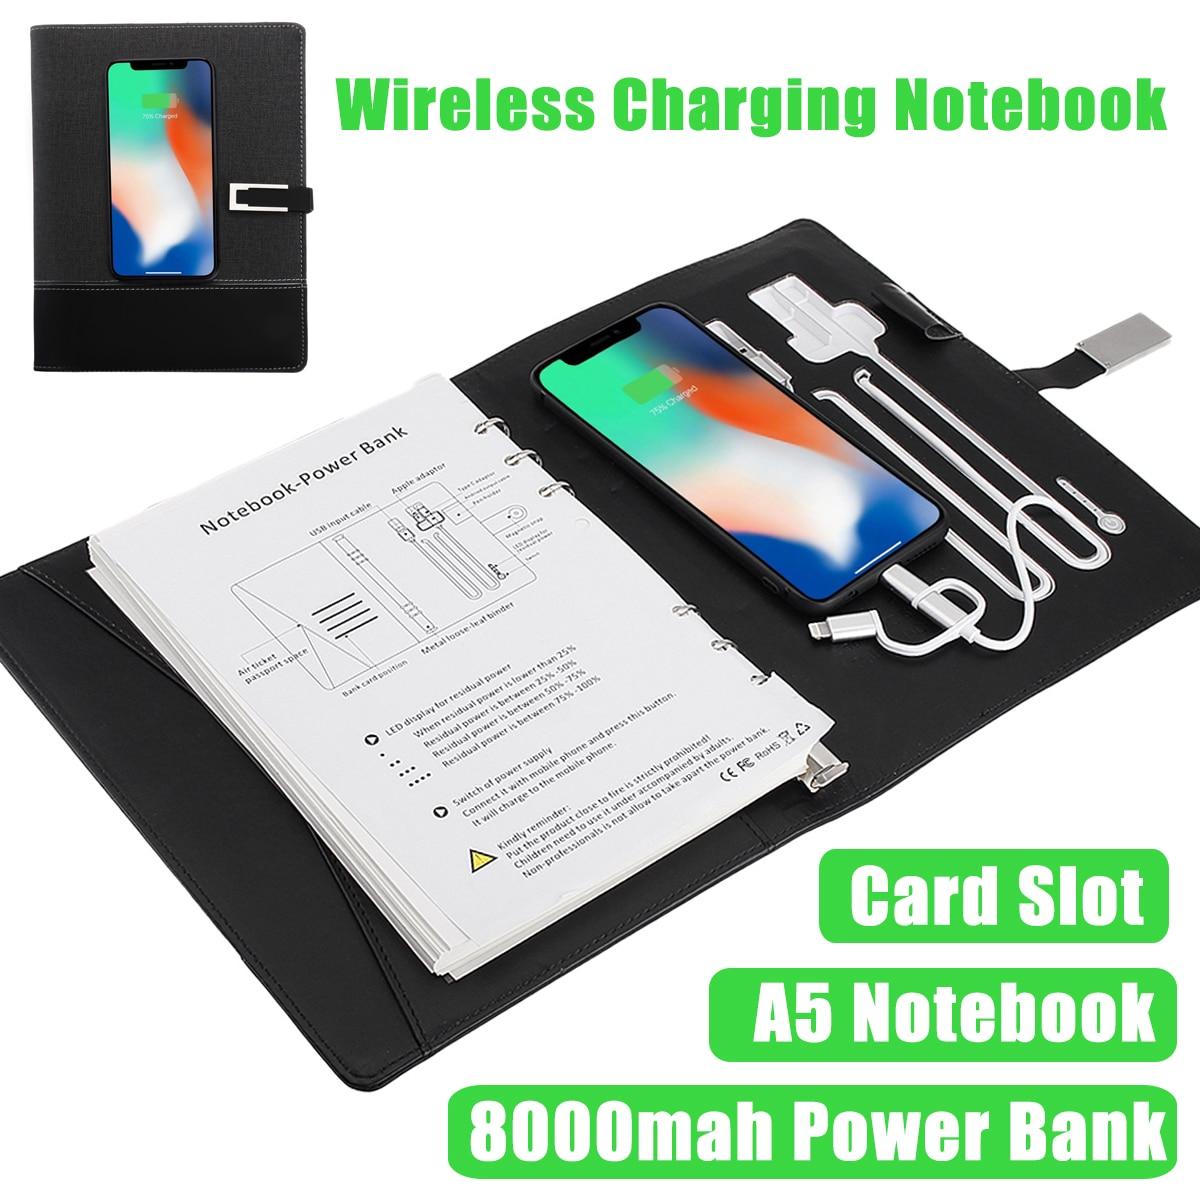 Puissance Banque Portable Multi Fonctionnelle Portable avec 8000 mah Puissance Banque Qi Sans Fil De Charge Note Livre Liant Spirale Journal Livre